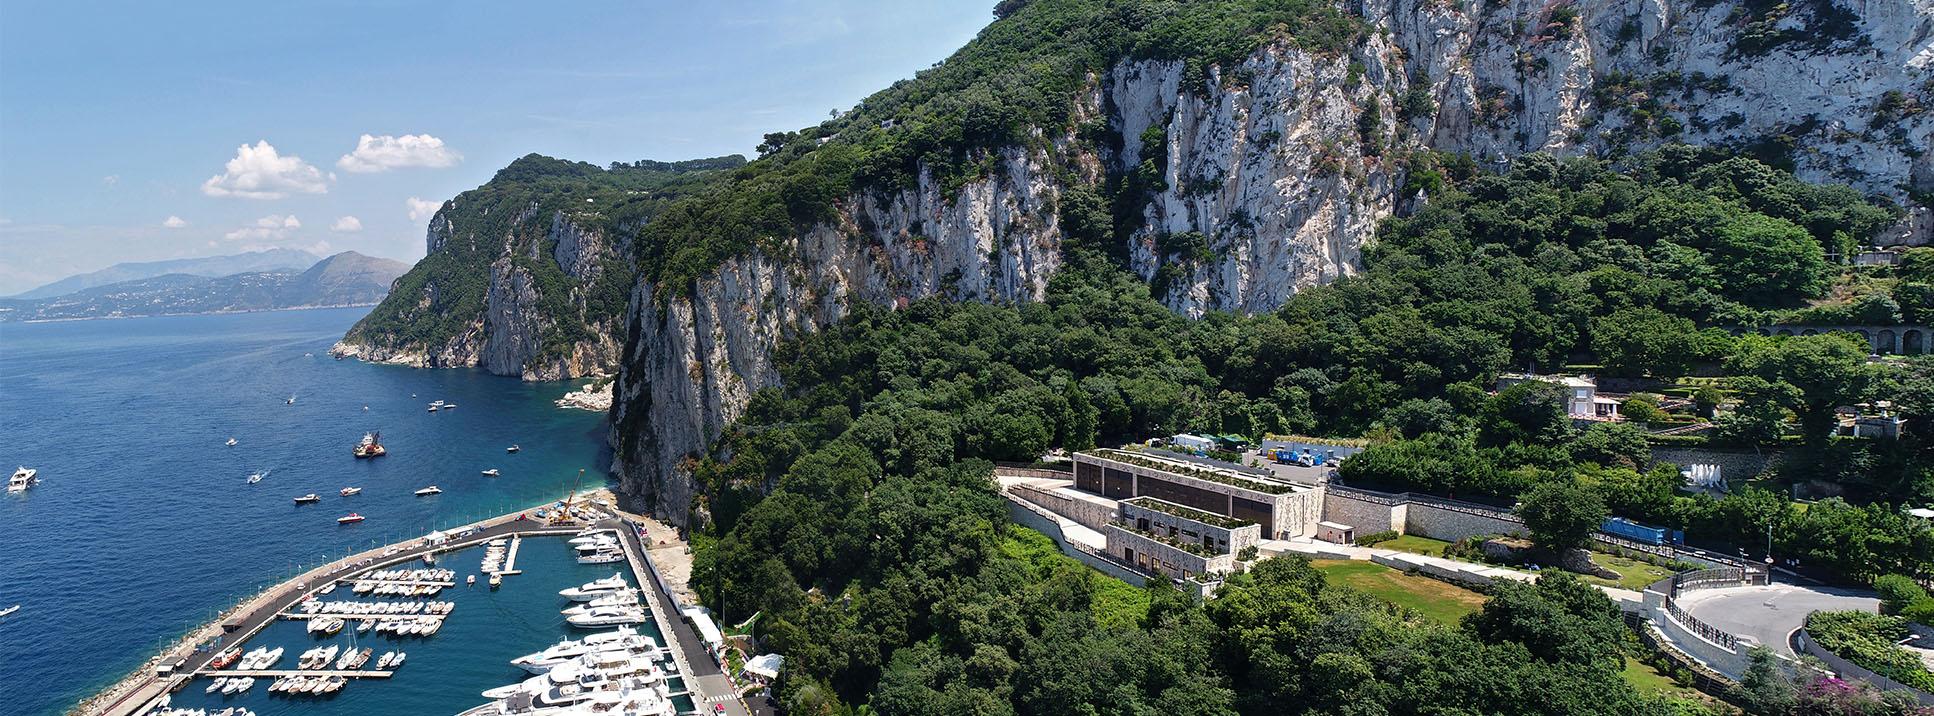 La stazione elettrica Terna e l'isola di Capri Enrico Cano}